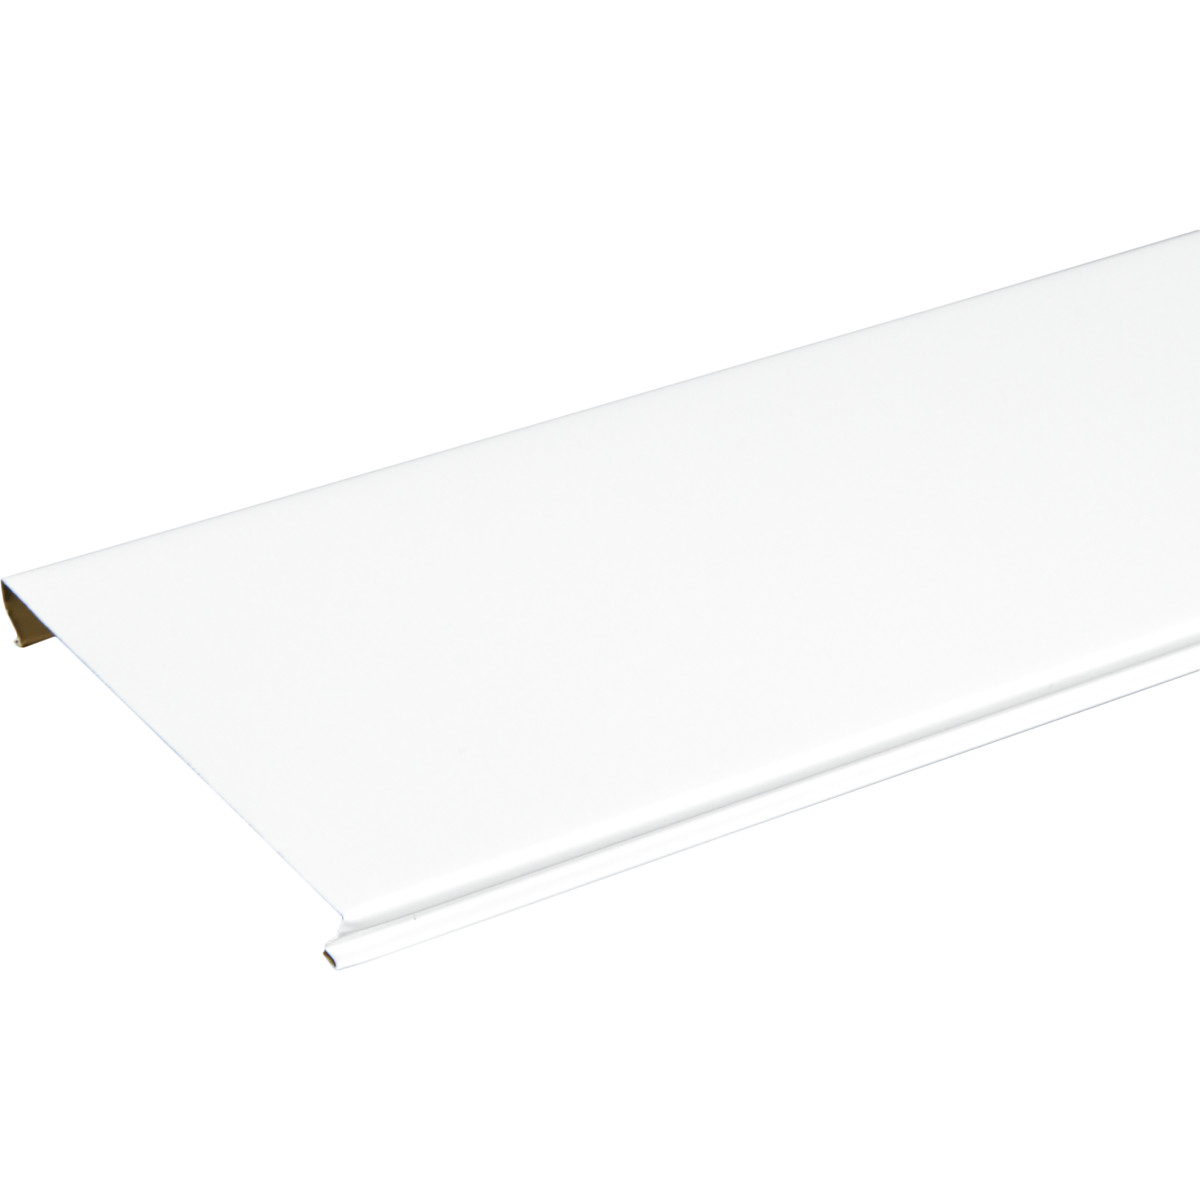 Набор реек Базис 3x0.2 м цвет жемчужно-белый 2 шт.